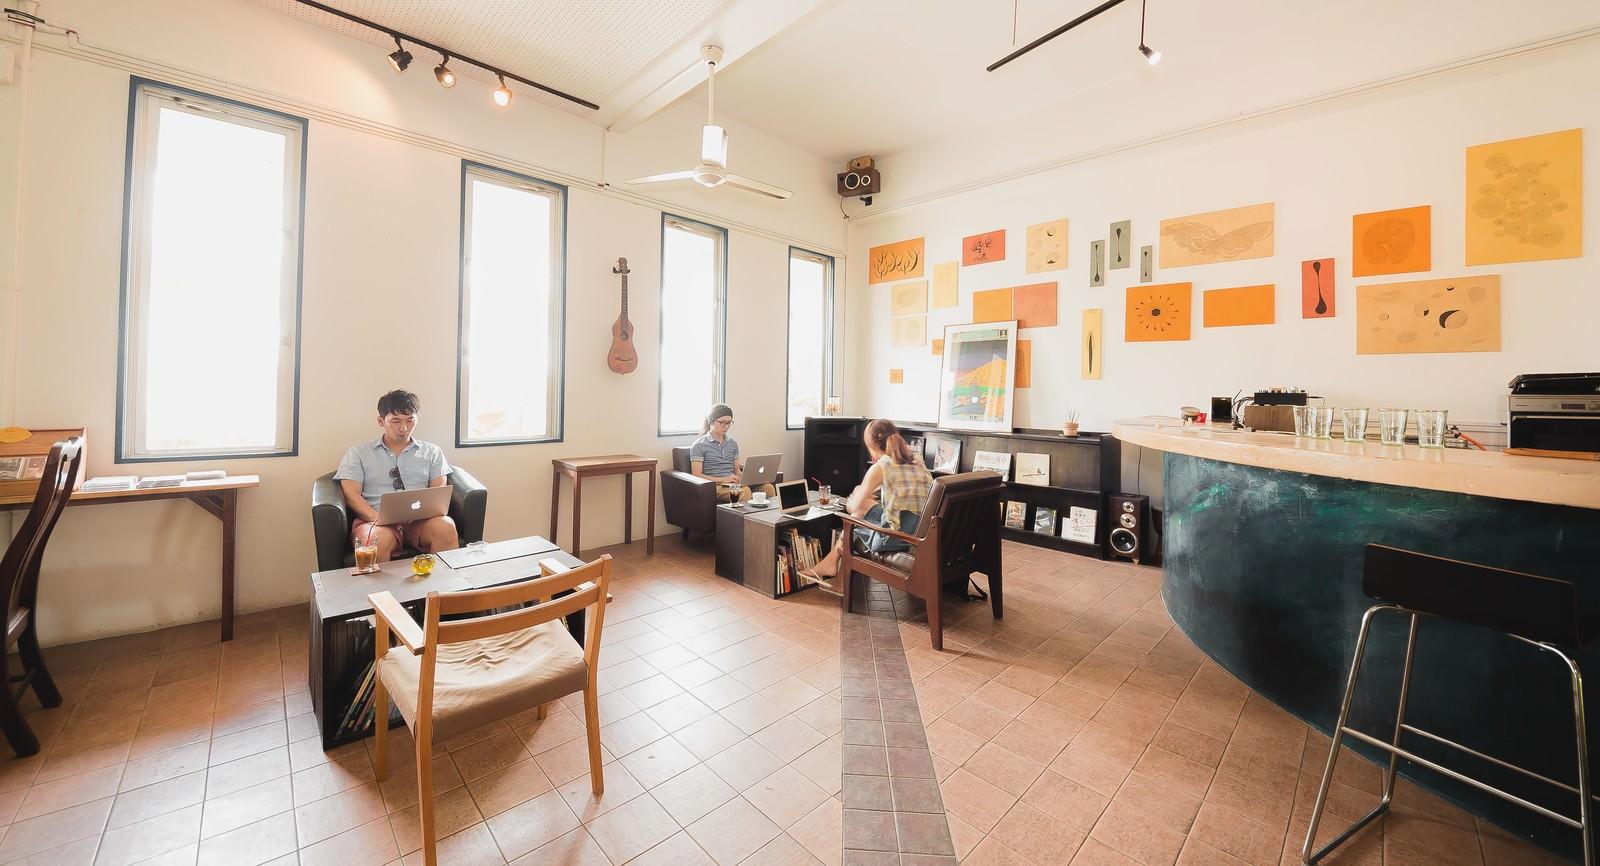 「心と時間に余裕を持ち、コワーキングカフェで開発合宿を行うノマドワーカーたち」の写真[モデル:大川竜弥]